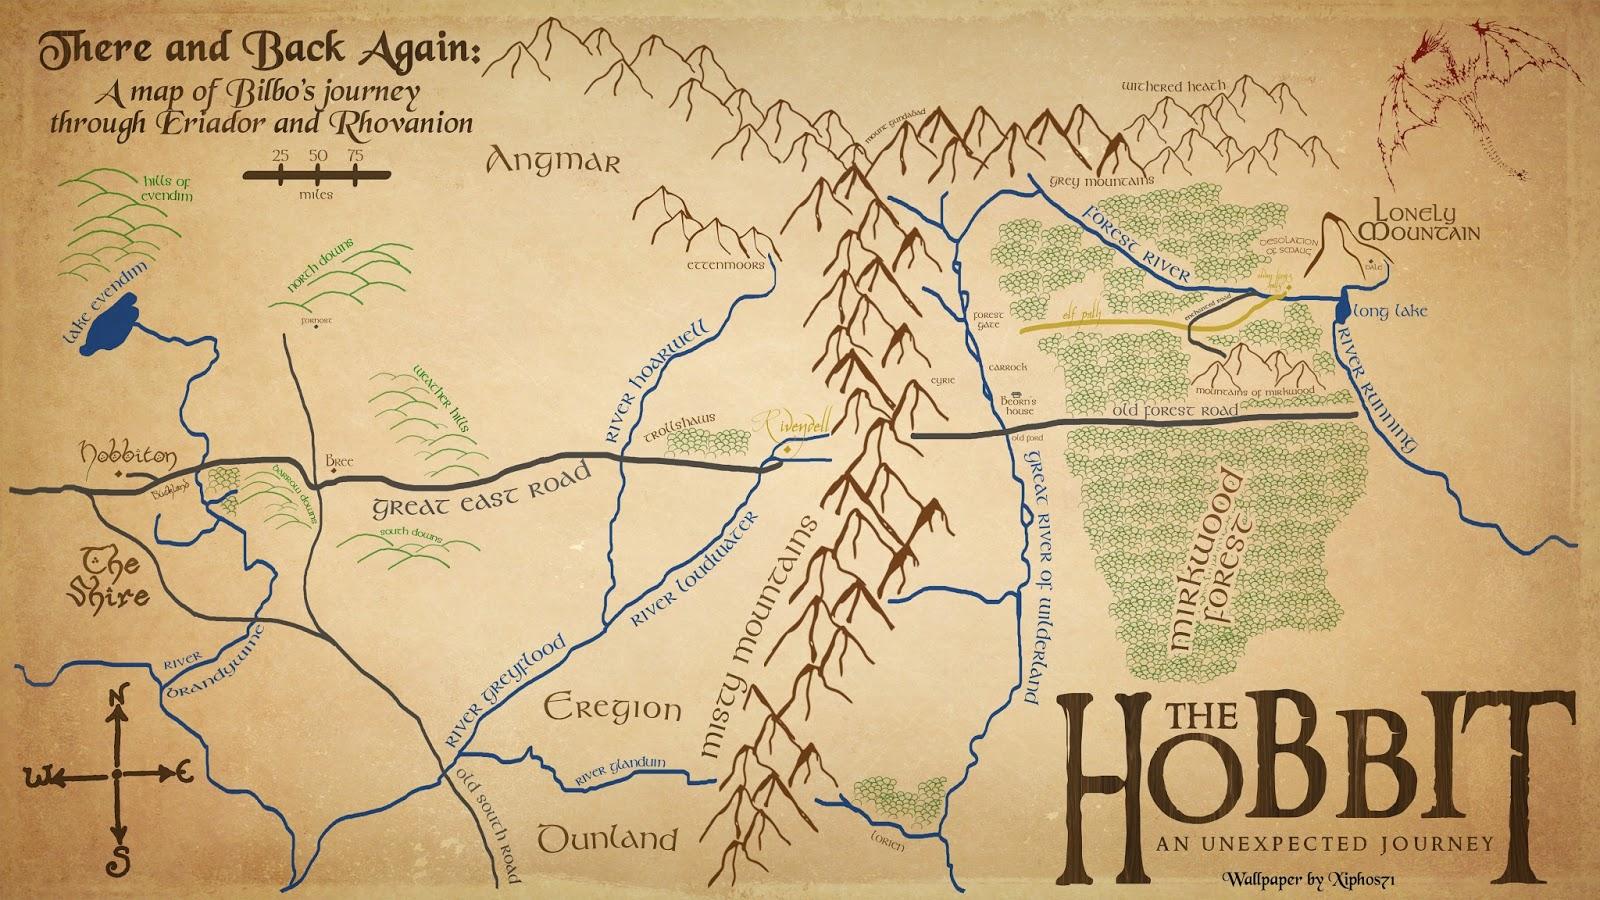 Free Wallpaper Dekstop The Hobbit An Unexpected Journey